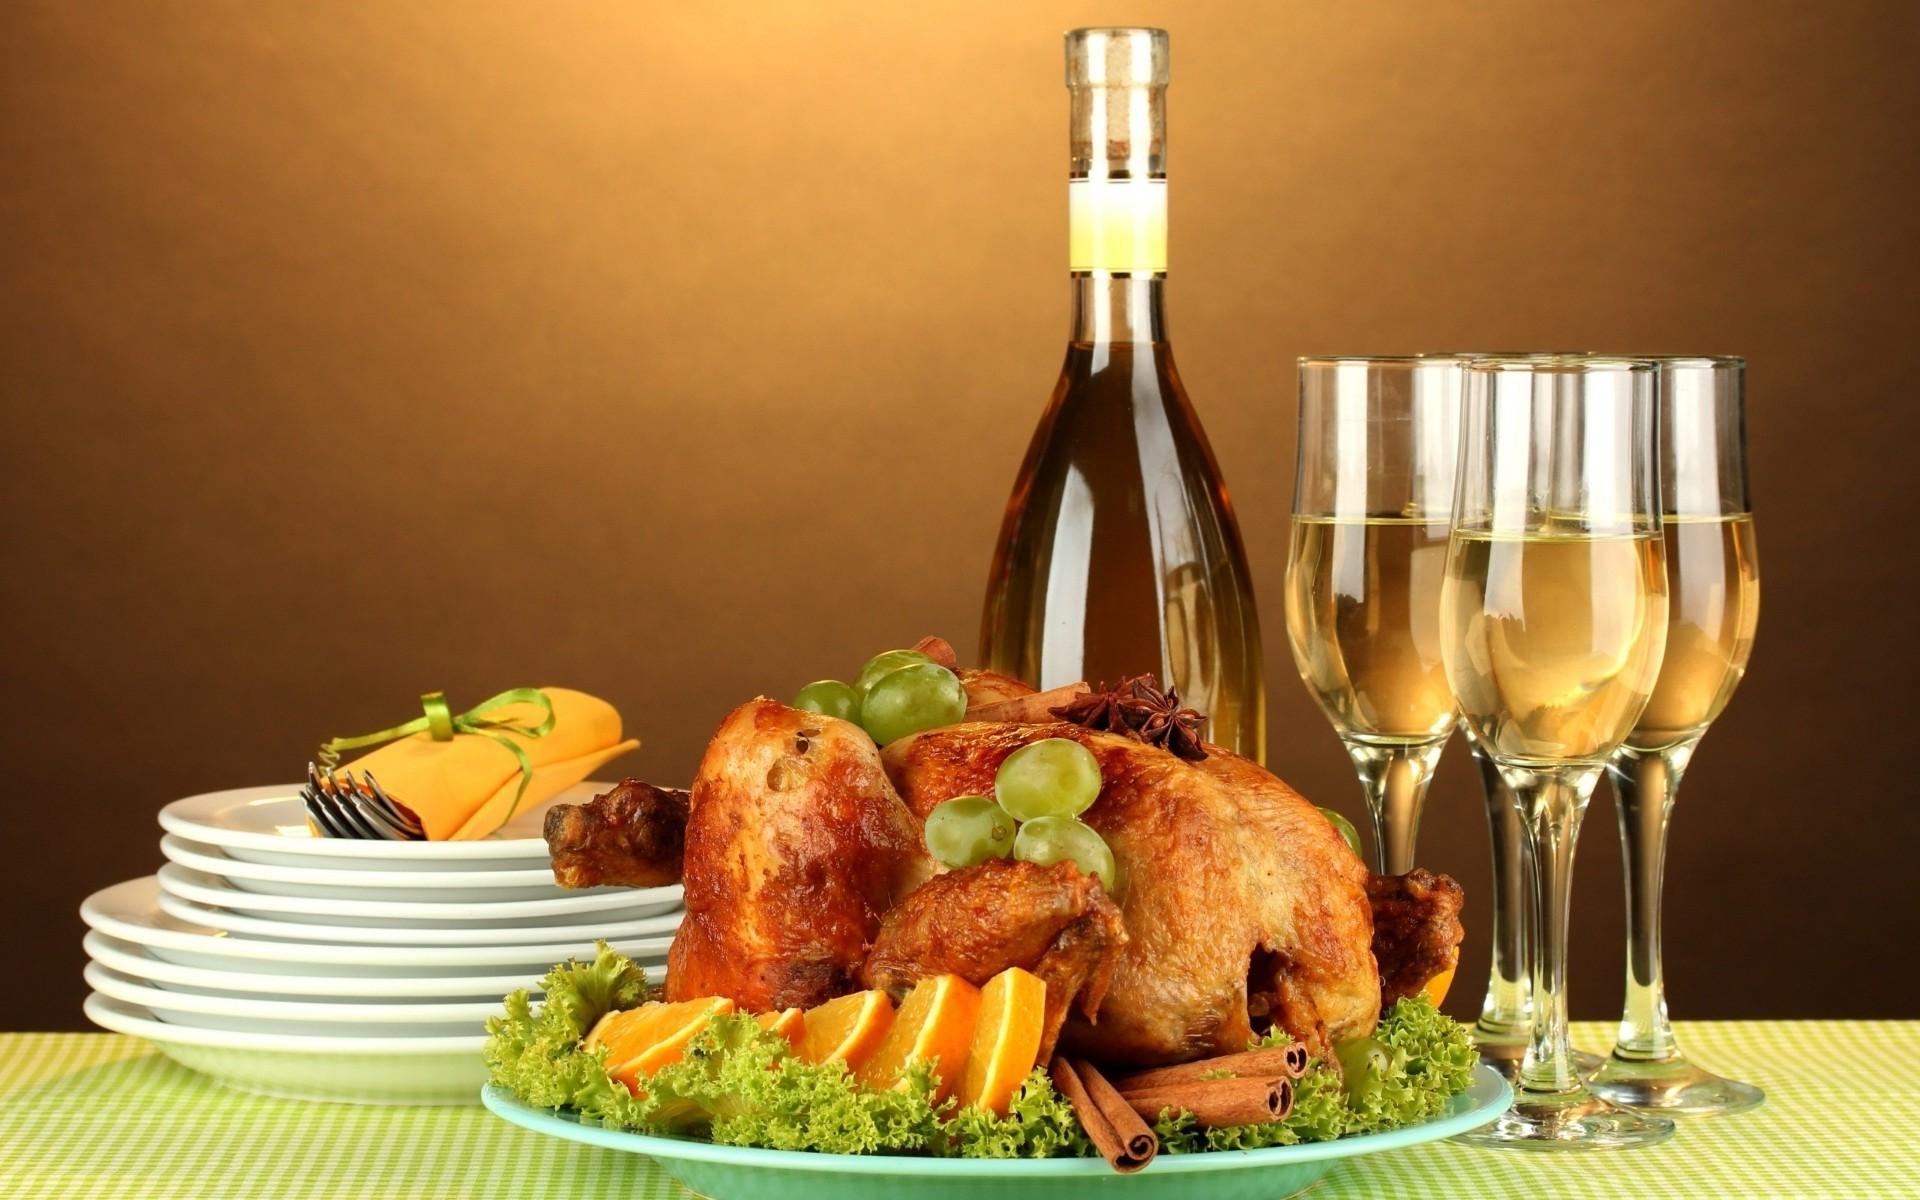 картинки на тему еда и напитки серых великанов цвет